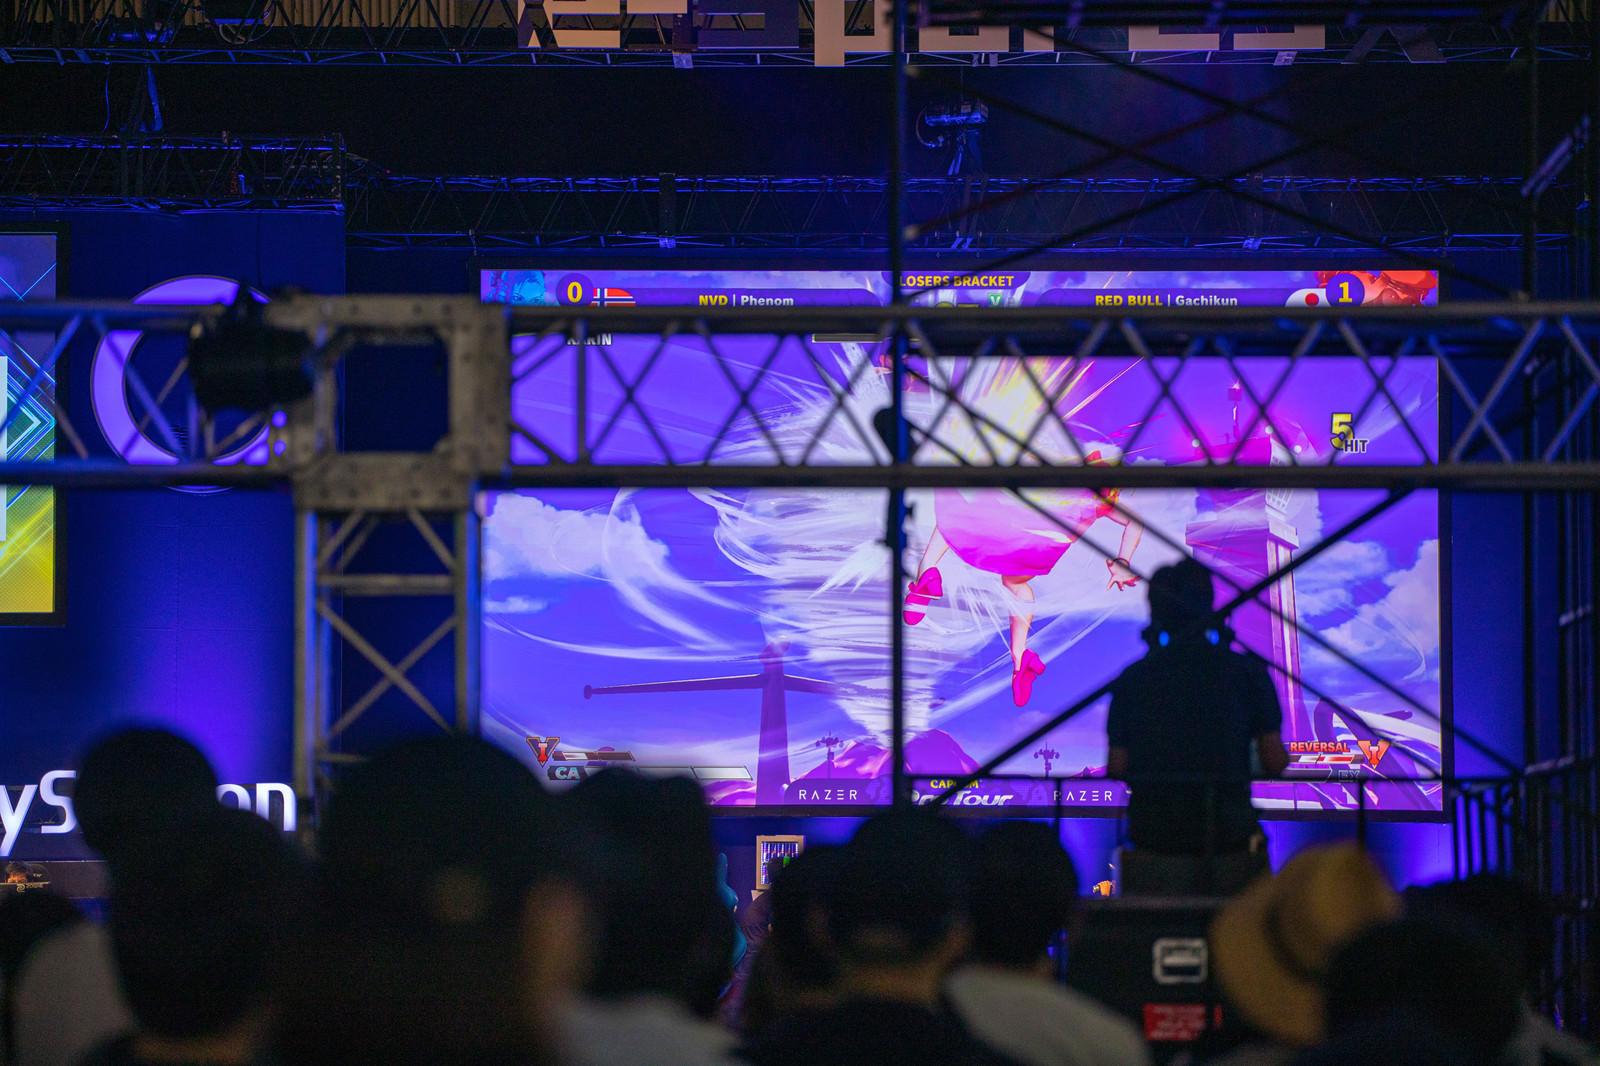 「試合の様子を映す巨大スクリーン - CAPCOM Pro Tour 2019 アジアプレミア」の写真